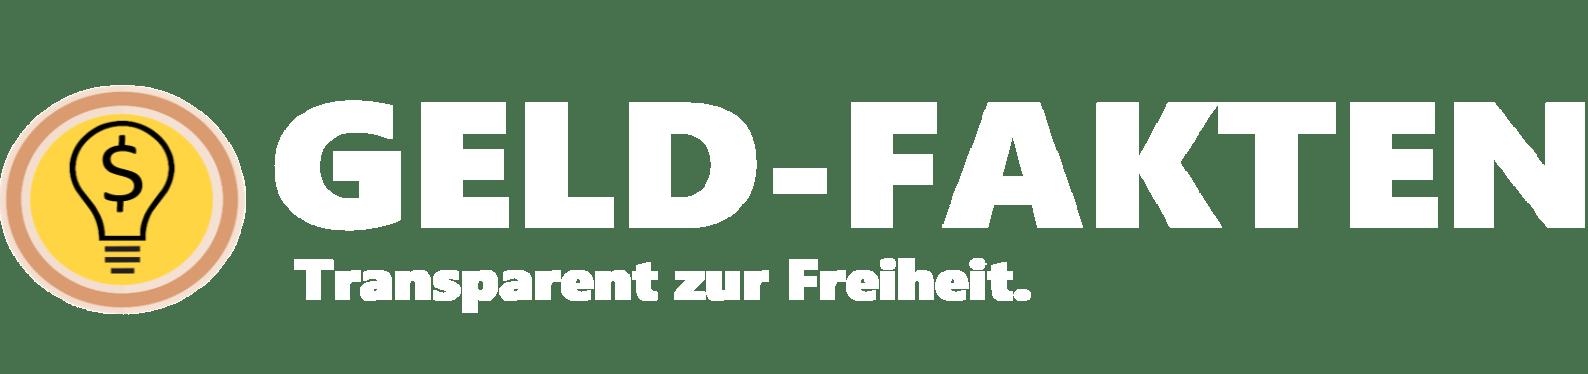 GELDFAKTEN.com